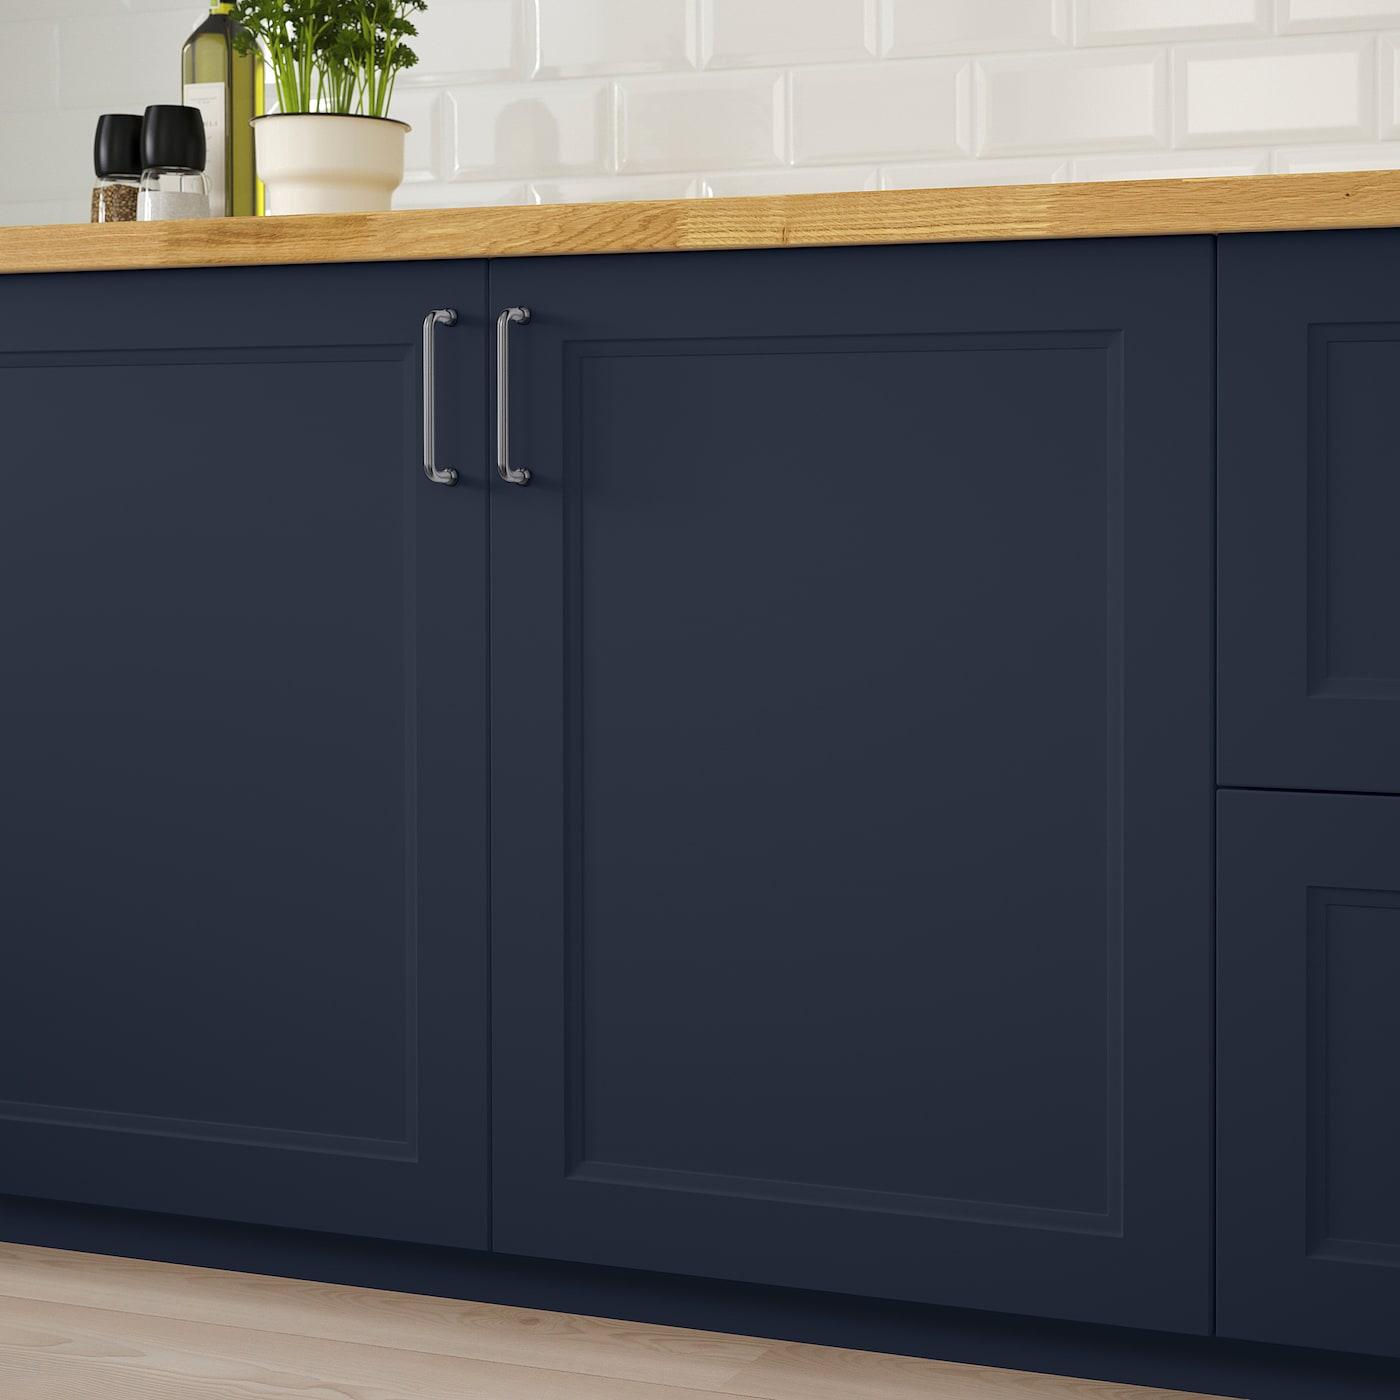 ikea axstad kitchen